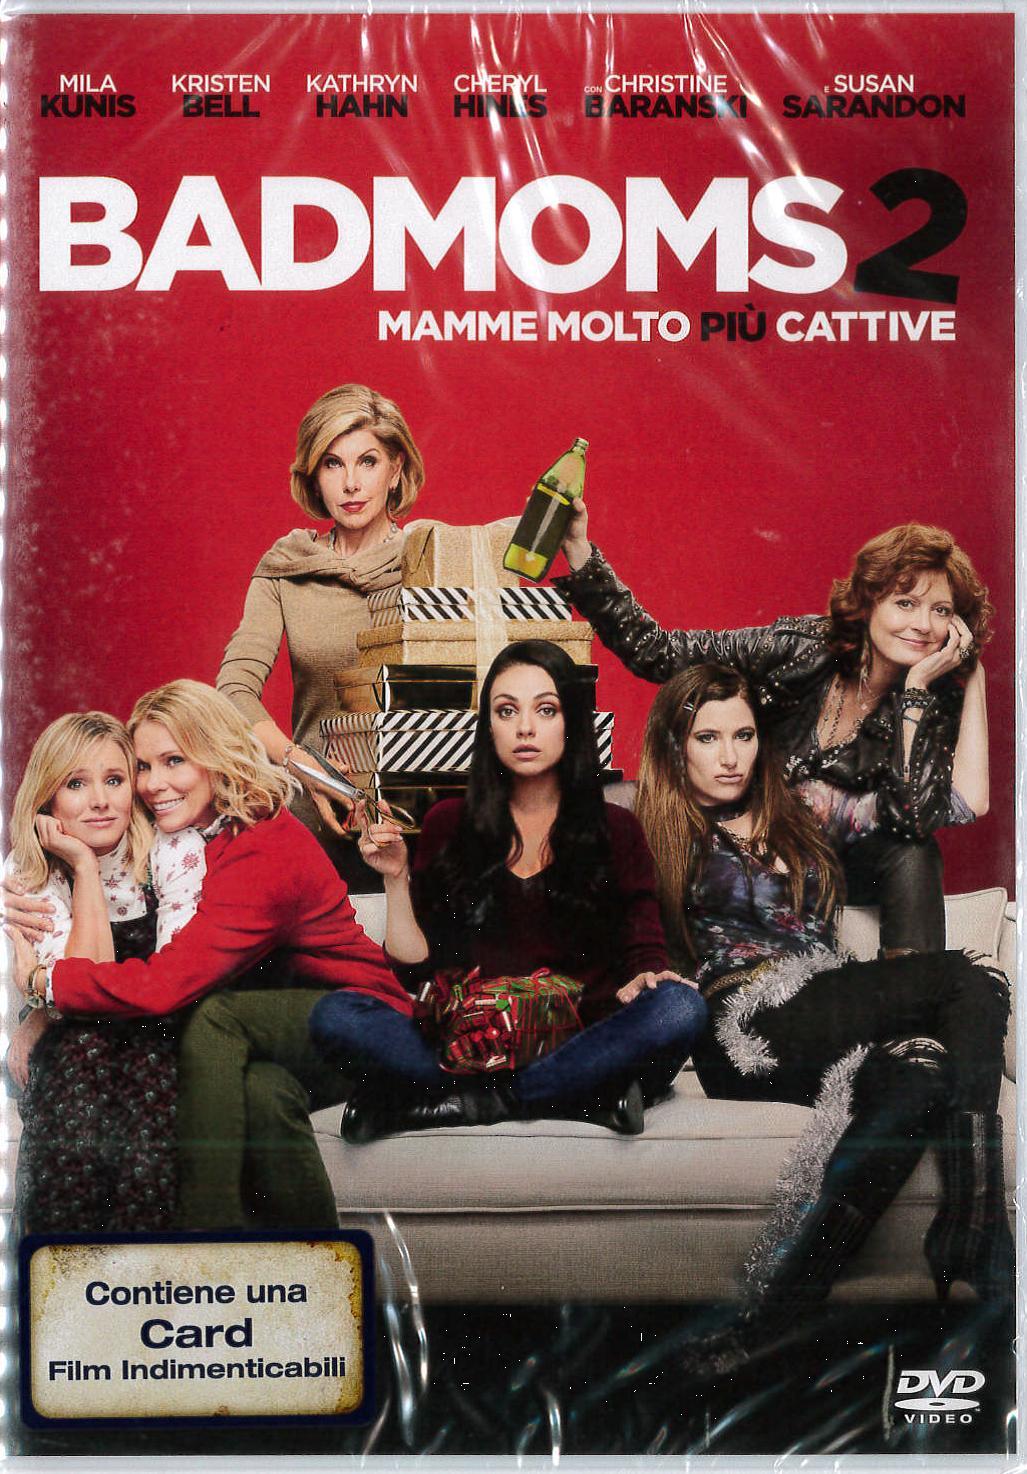 BAD MOMS 2 - MAMME MOLTO PIU' CATTIVE (DVD)